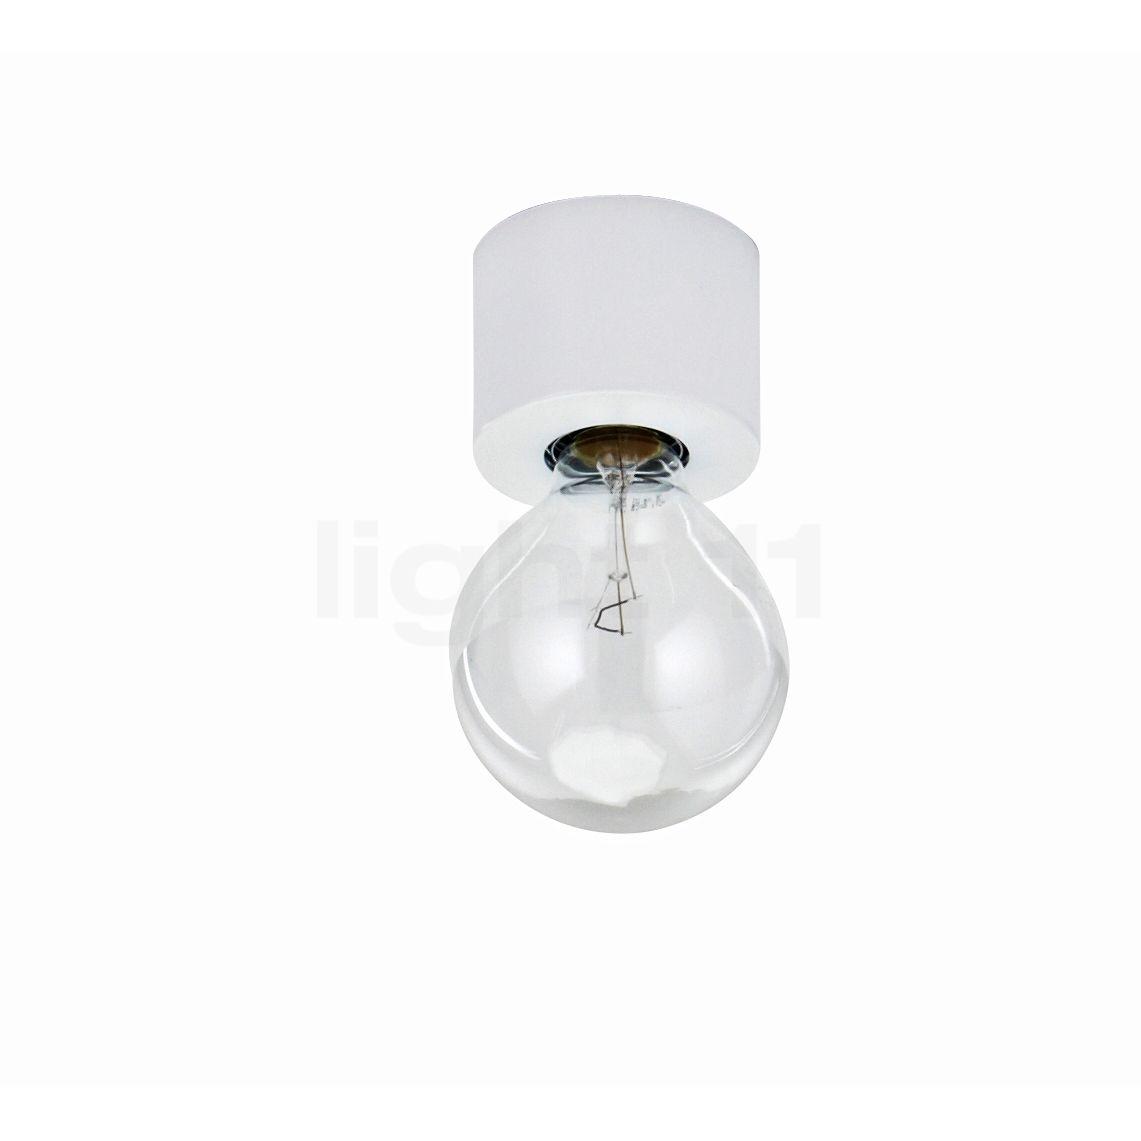 Mawa Design Eintopf Lampada da parete o soffitto Lampada da ...